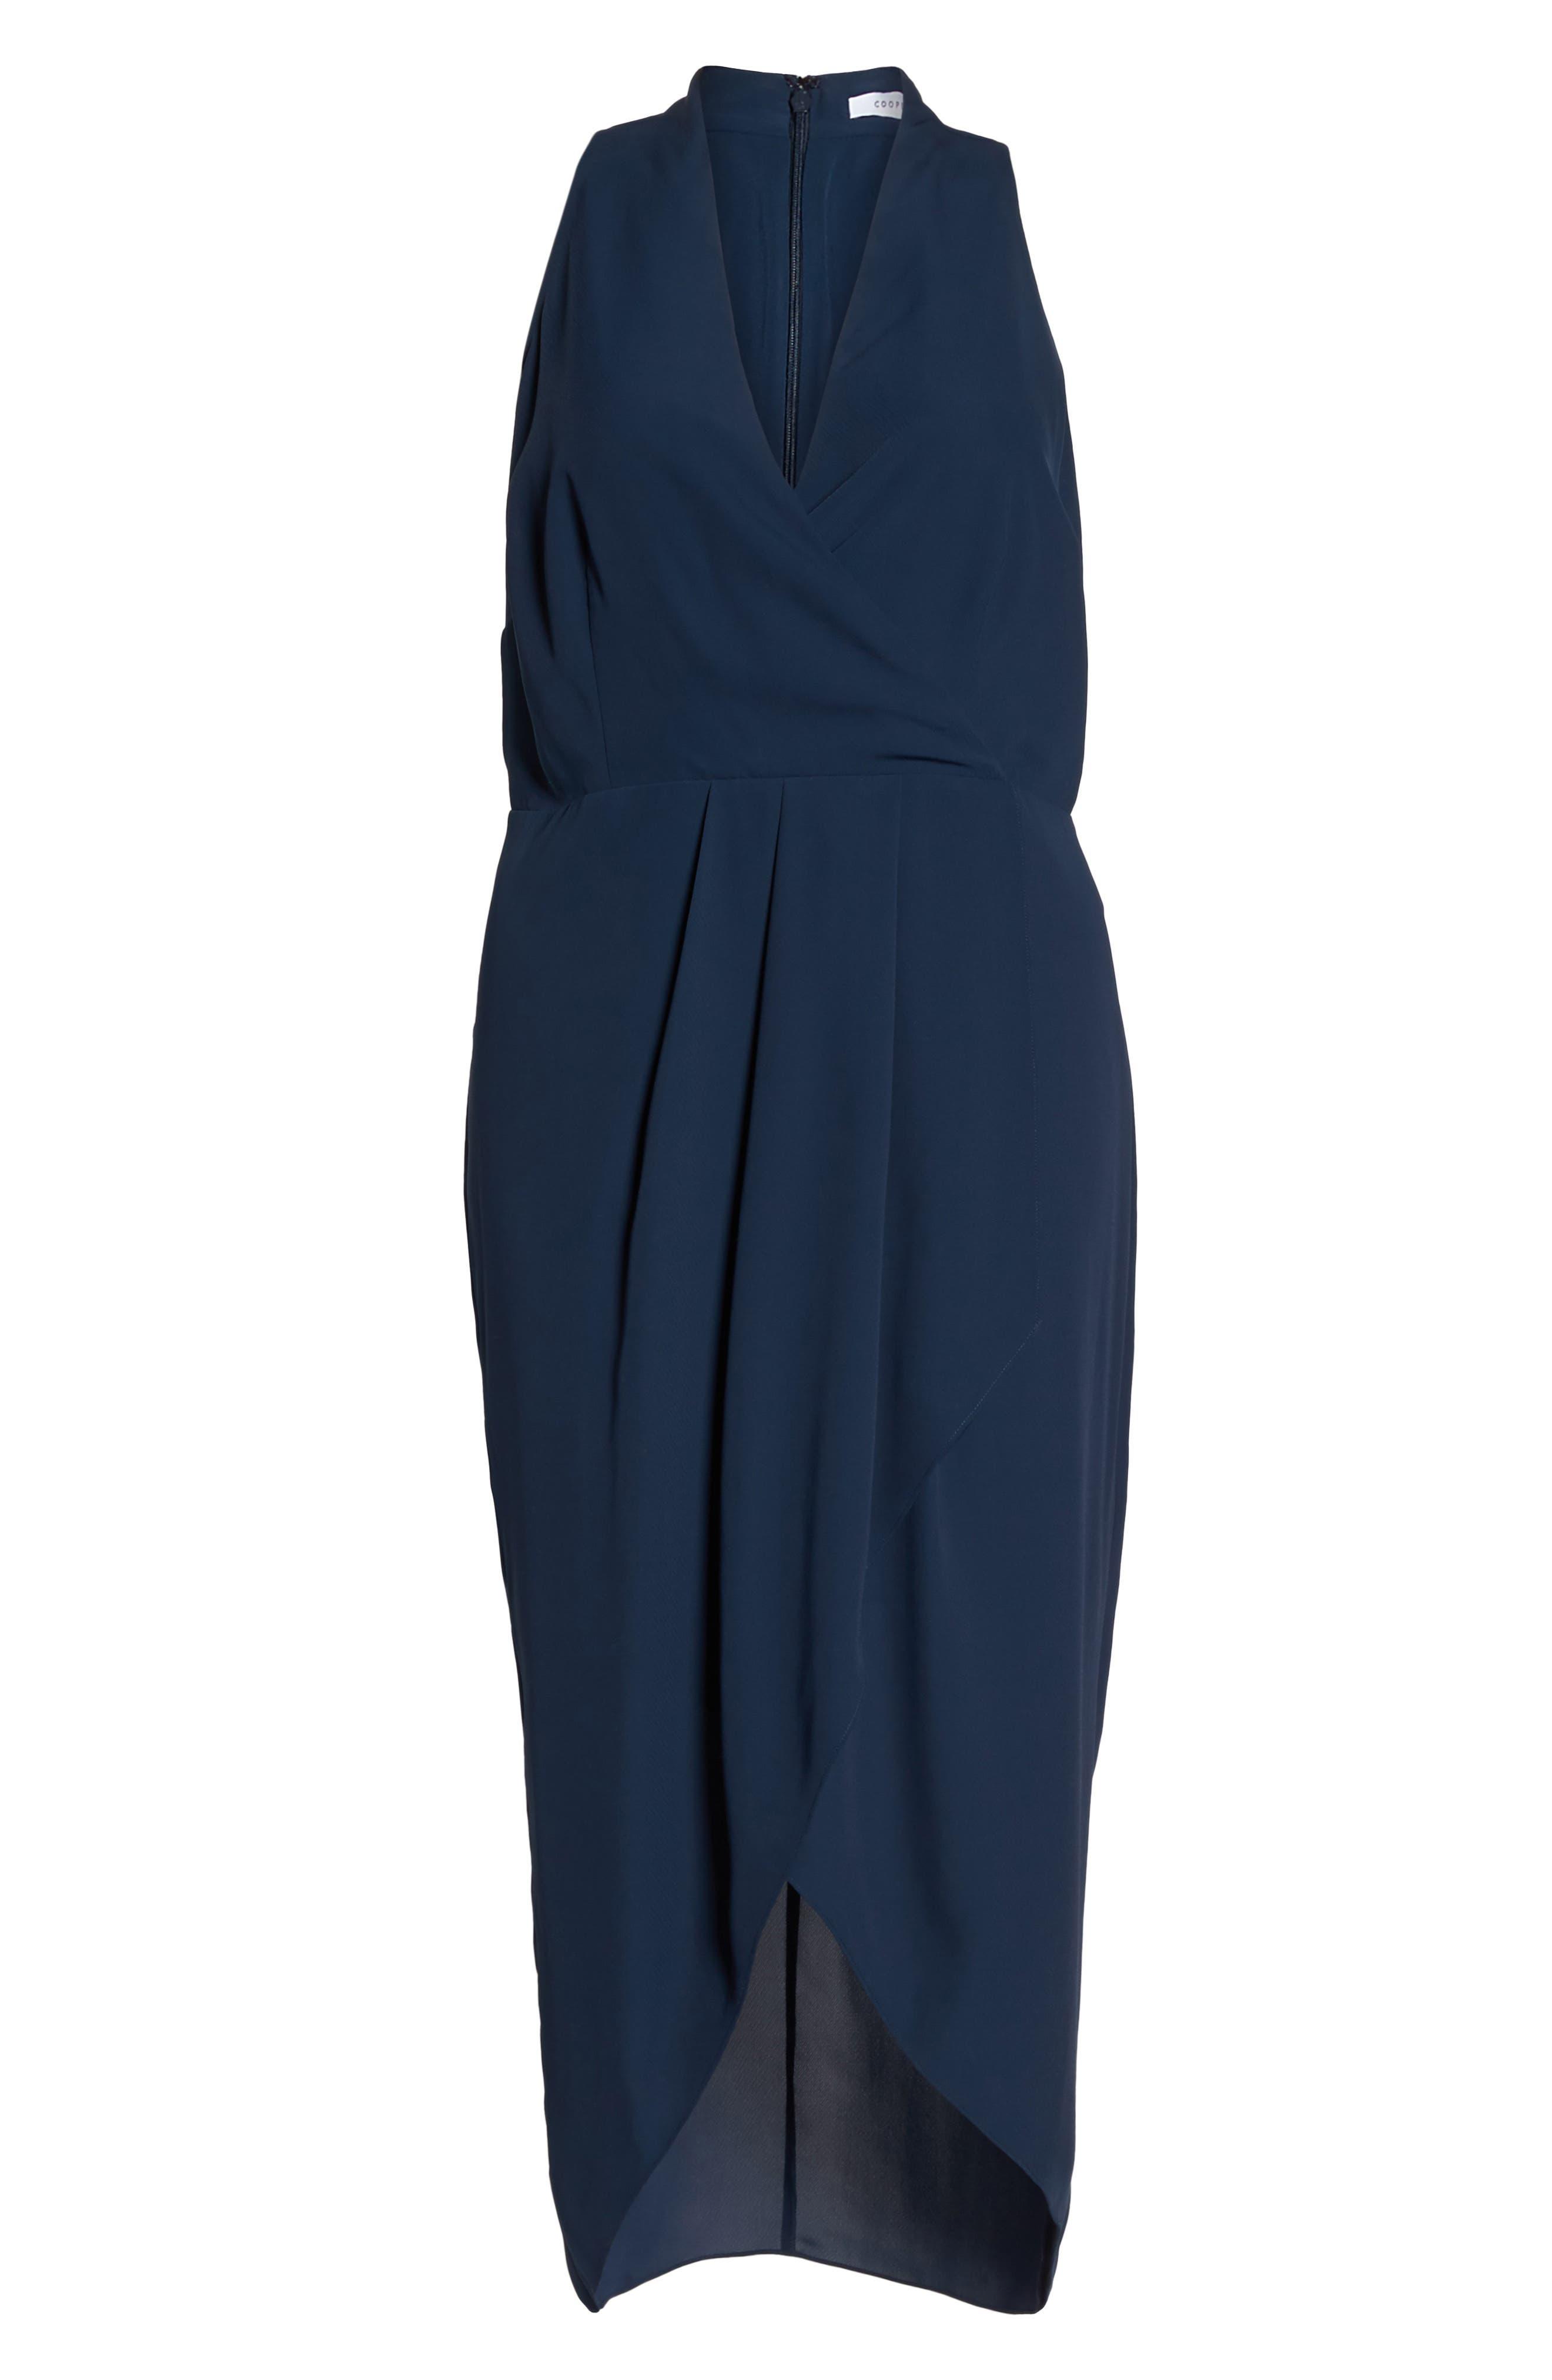 Evening Light Drape Dress,                             Alternate thumbnail 6, color,                             400